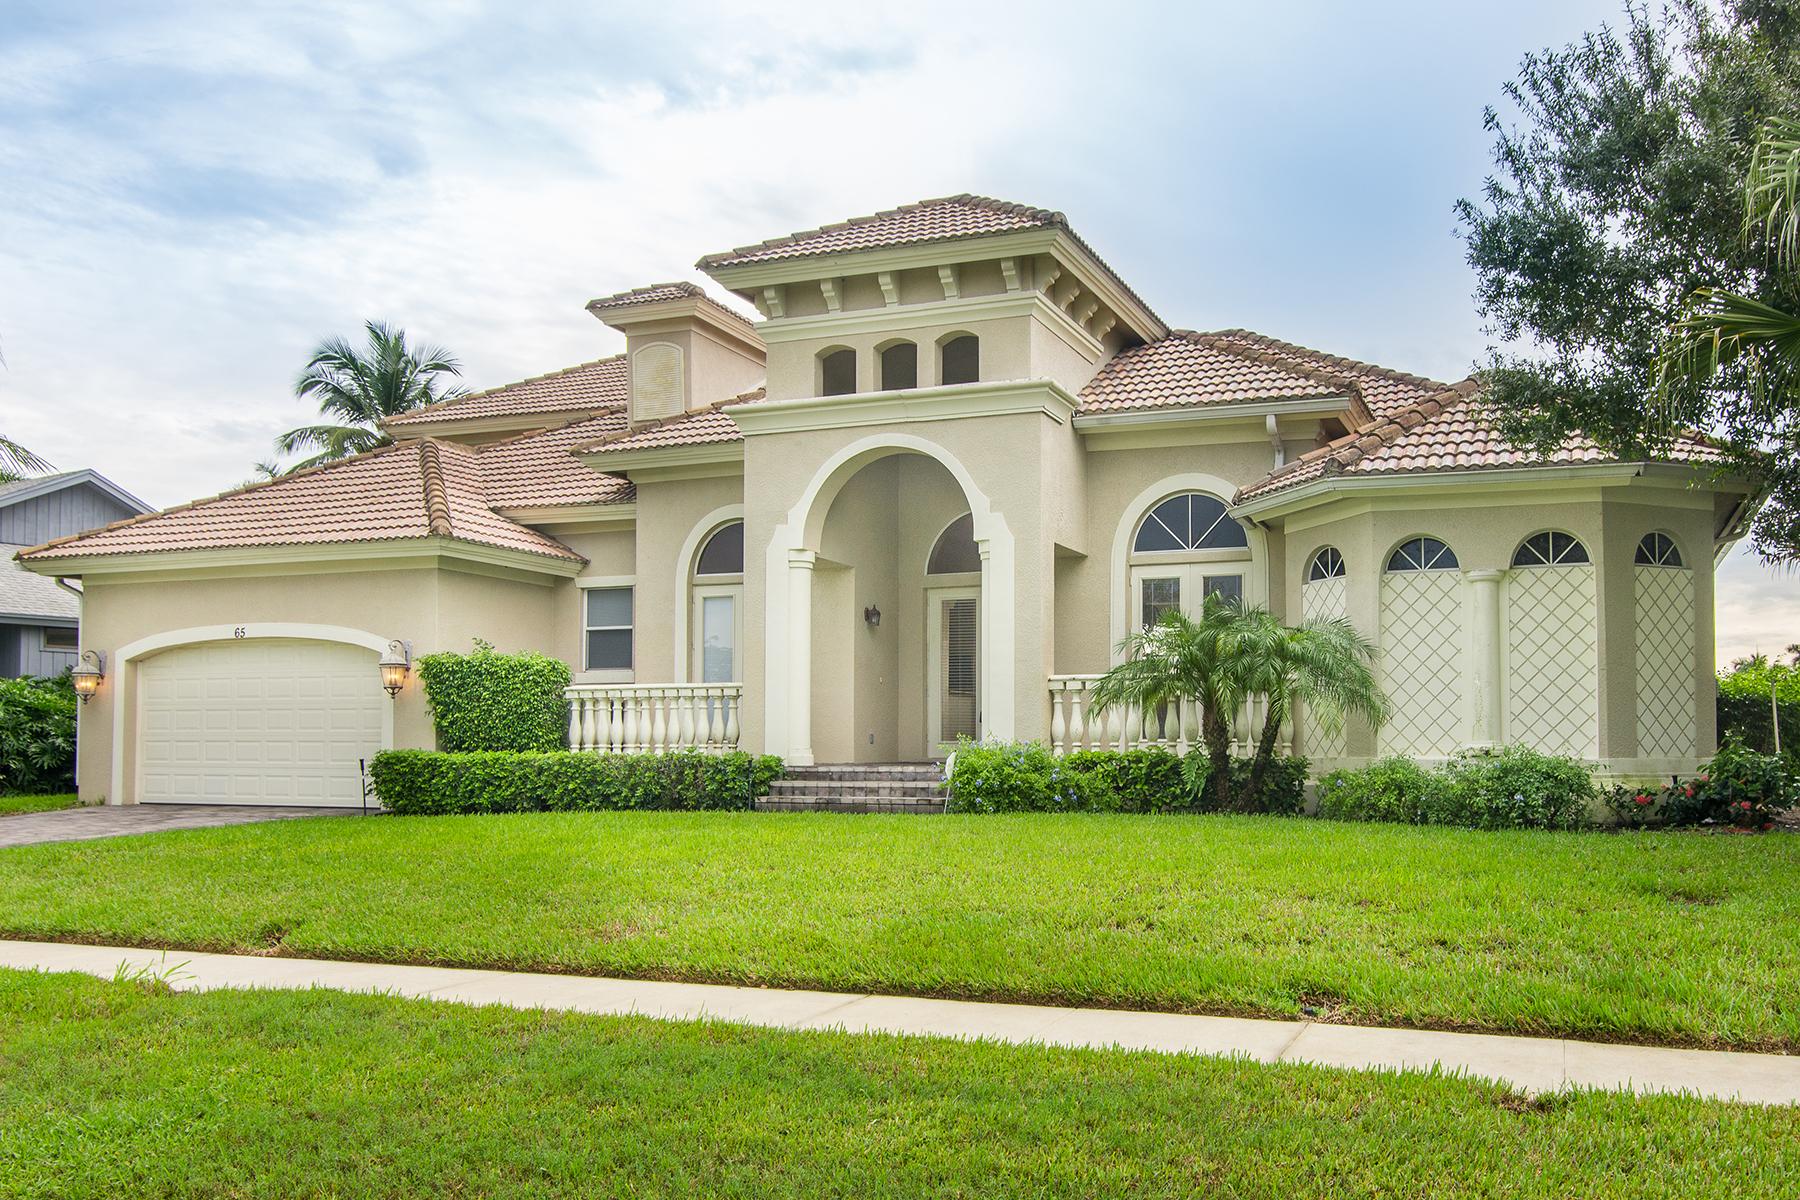 Maison unifamiliale pour l Vente à MARCO ISLAND - N BARFIELD DRIVE 65 N Barfield Dr Marco Island, Florida 34145 États-Unis